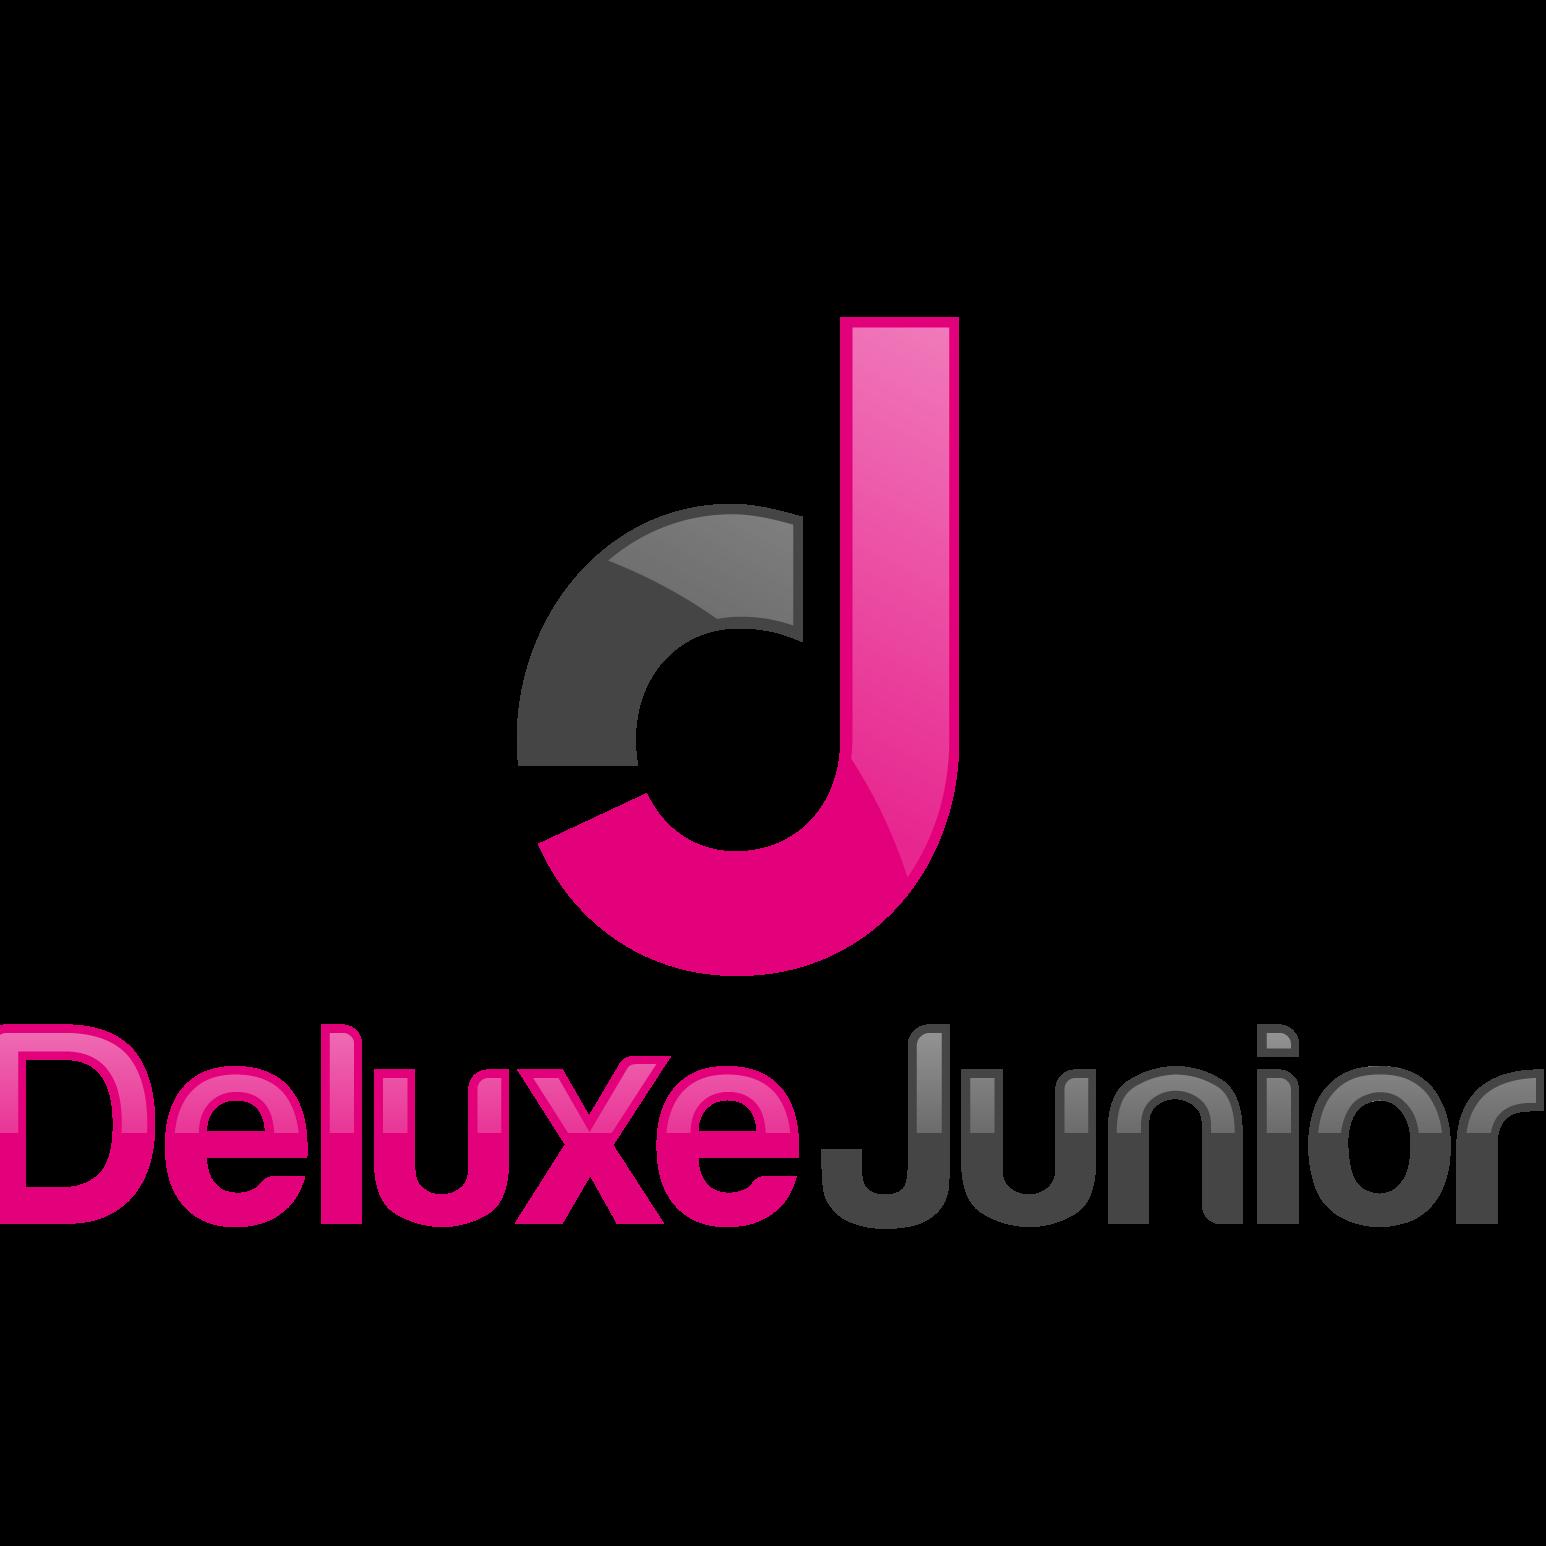 Deluxe Junior